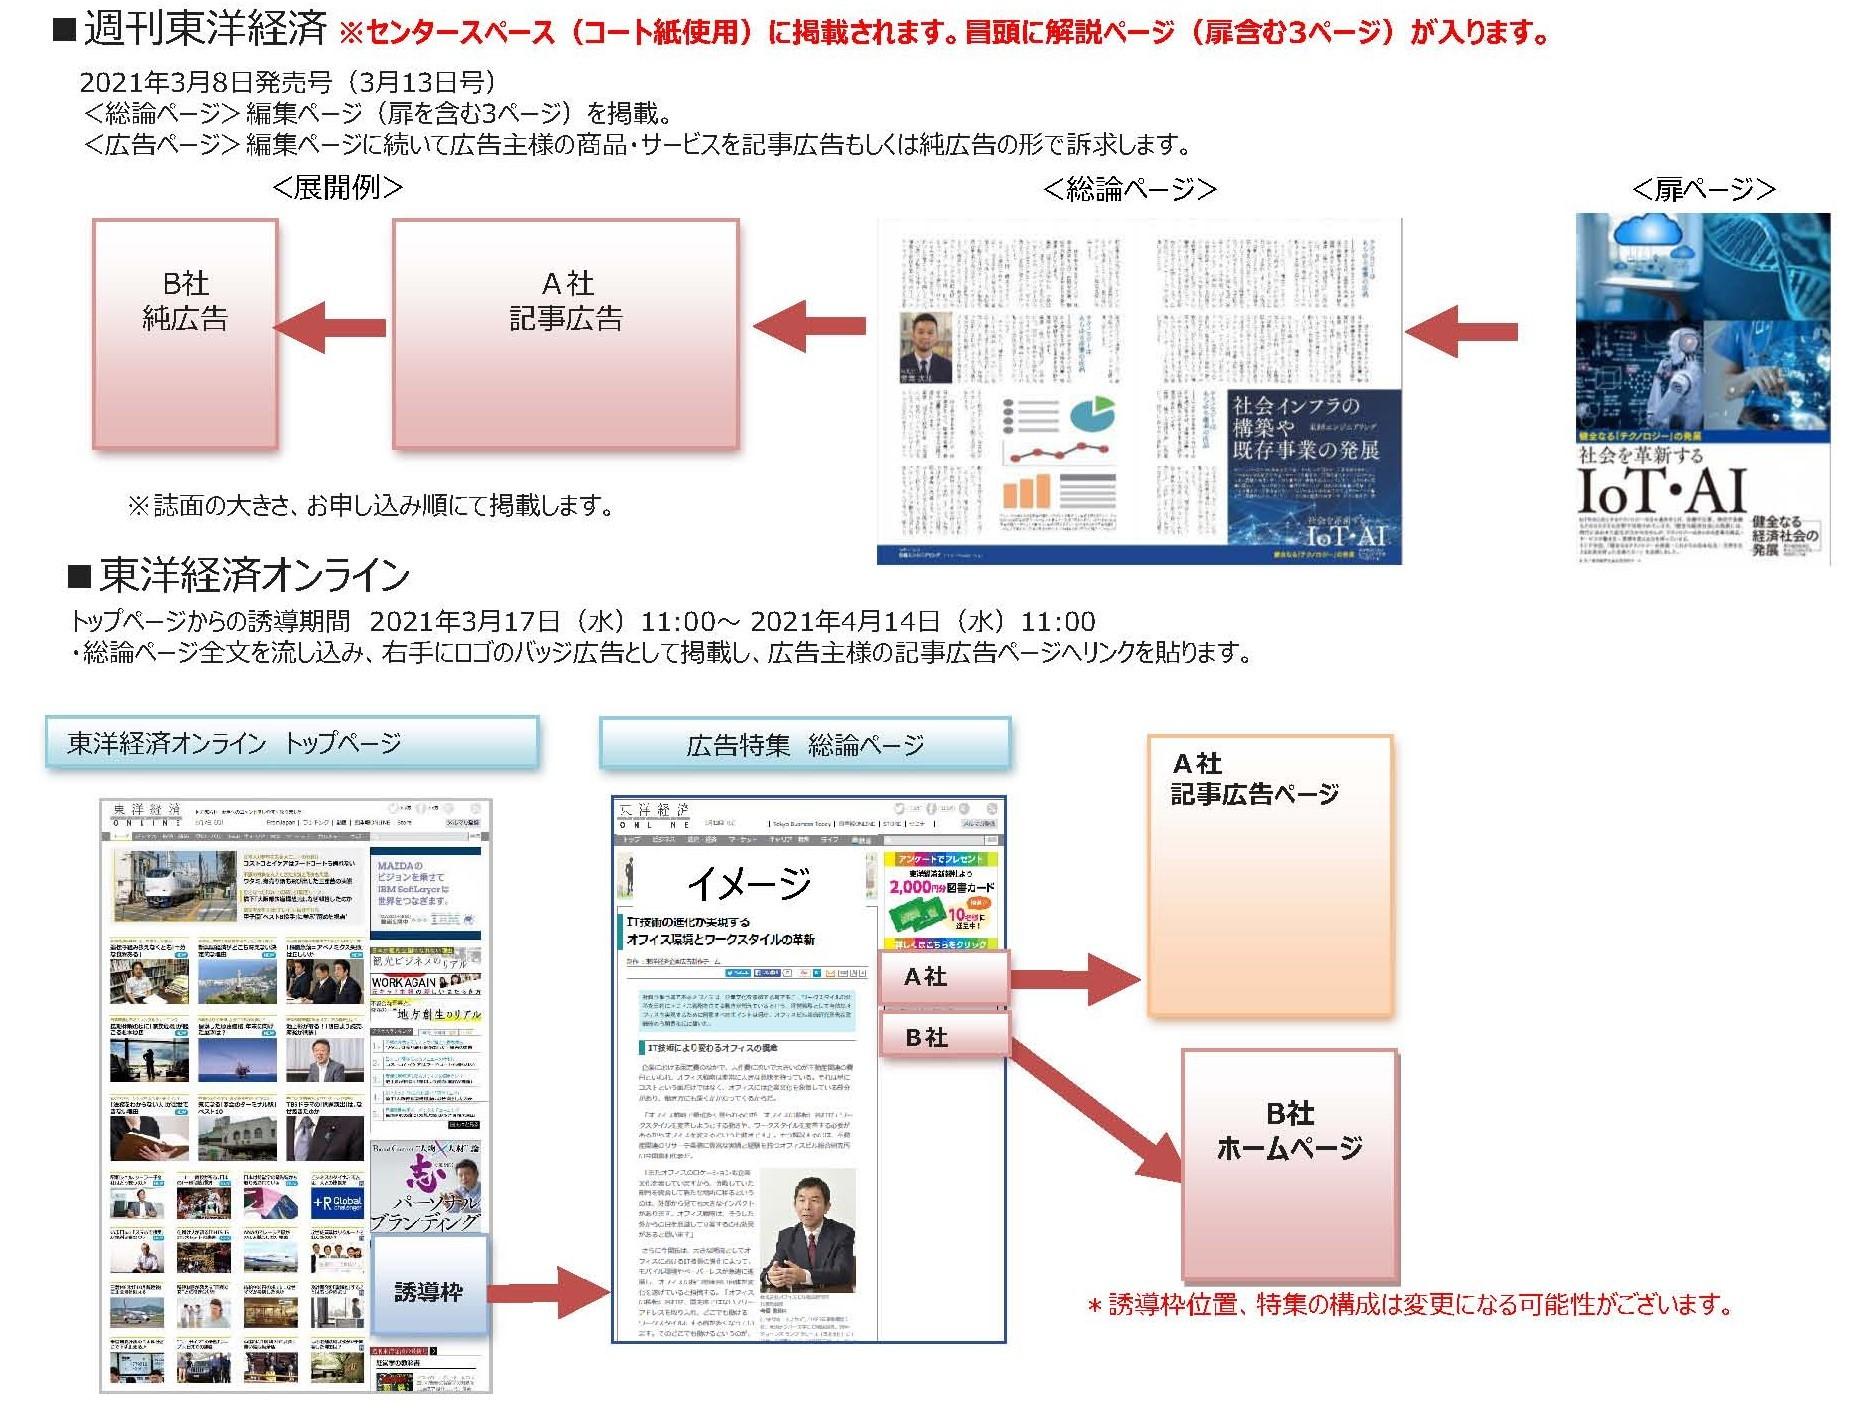 東洋経済プラス pdf ダウンロード